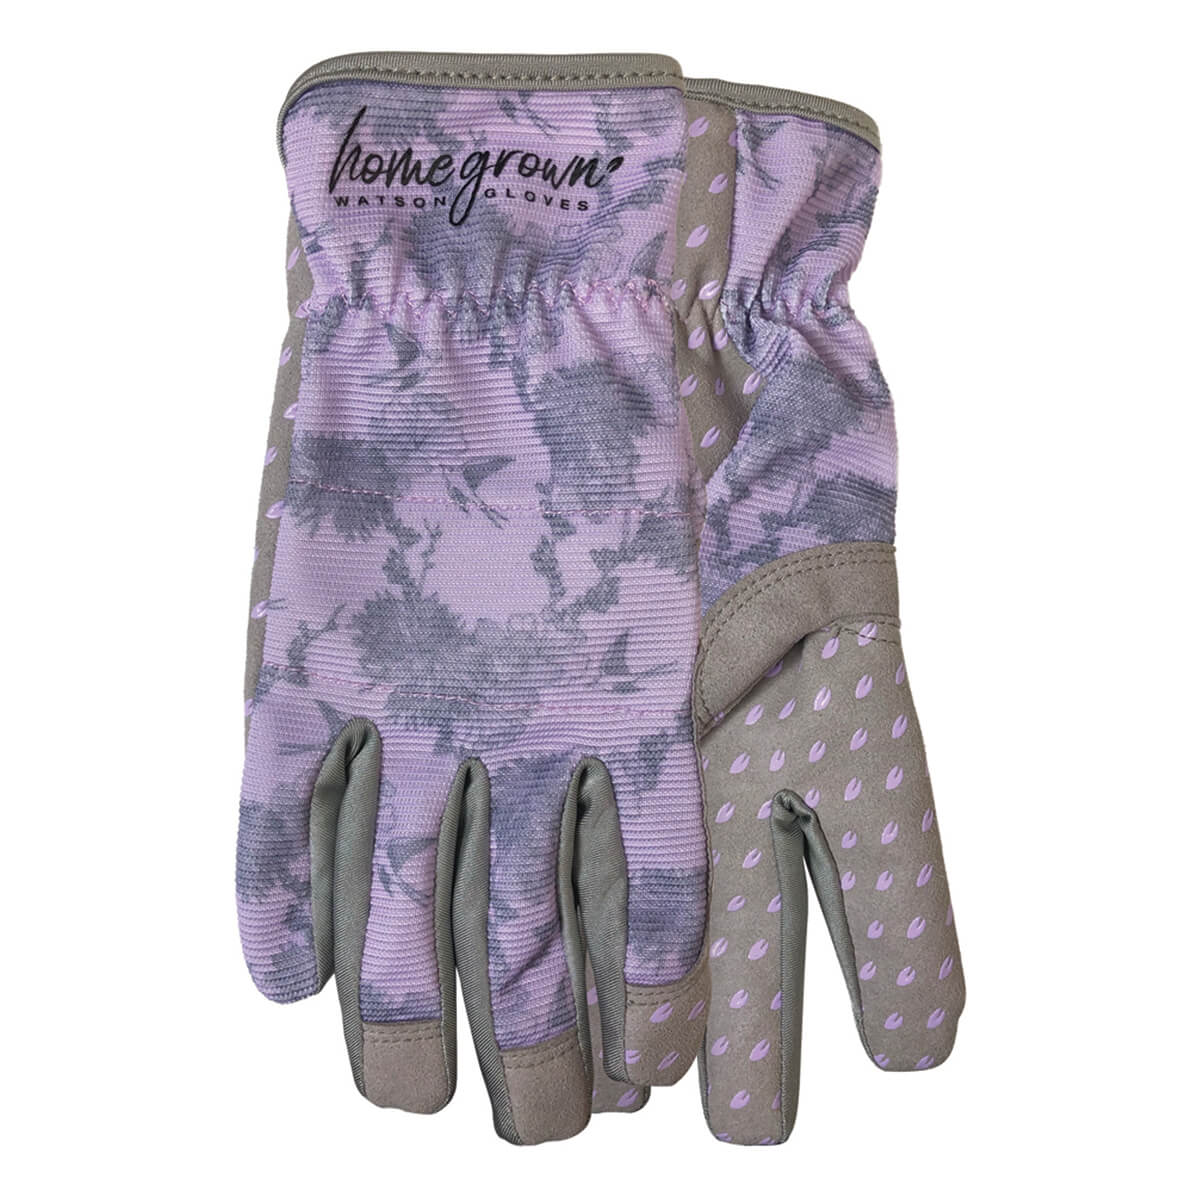 Sparrow Gloves - S